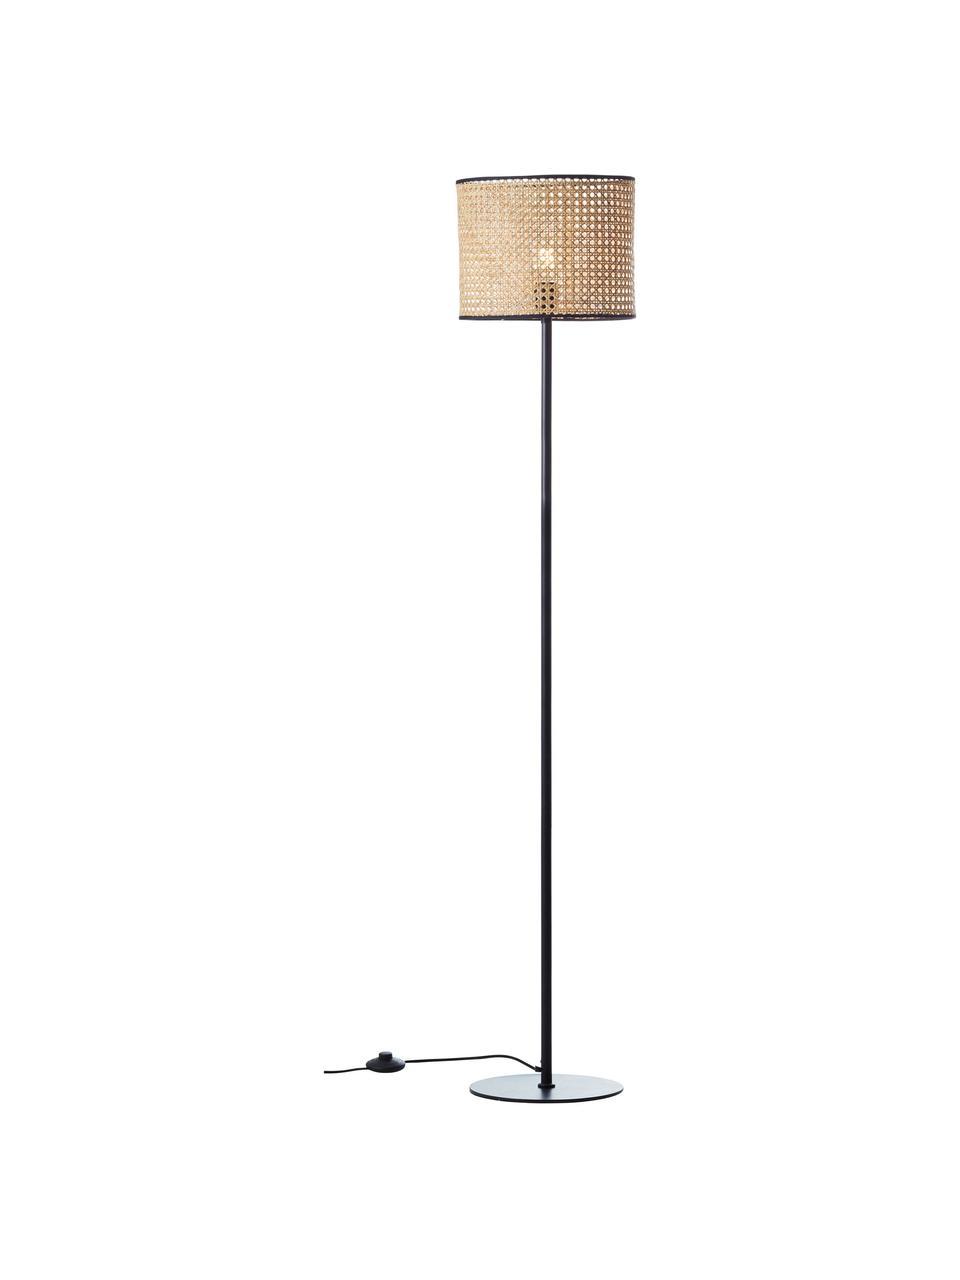 Lampa podłogowa z rattanowym kloszem  Wiley, Rattan, czarny, Ø 30 x W 154 cm